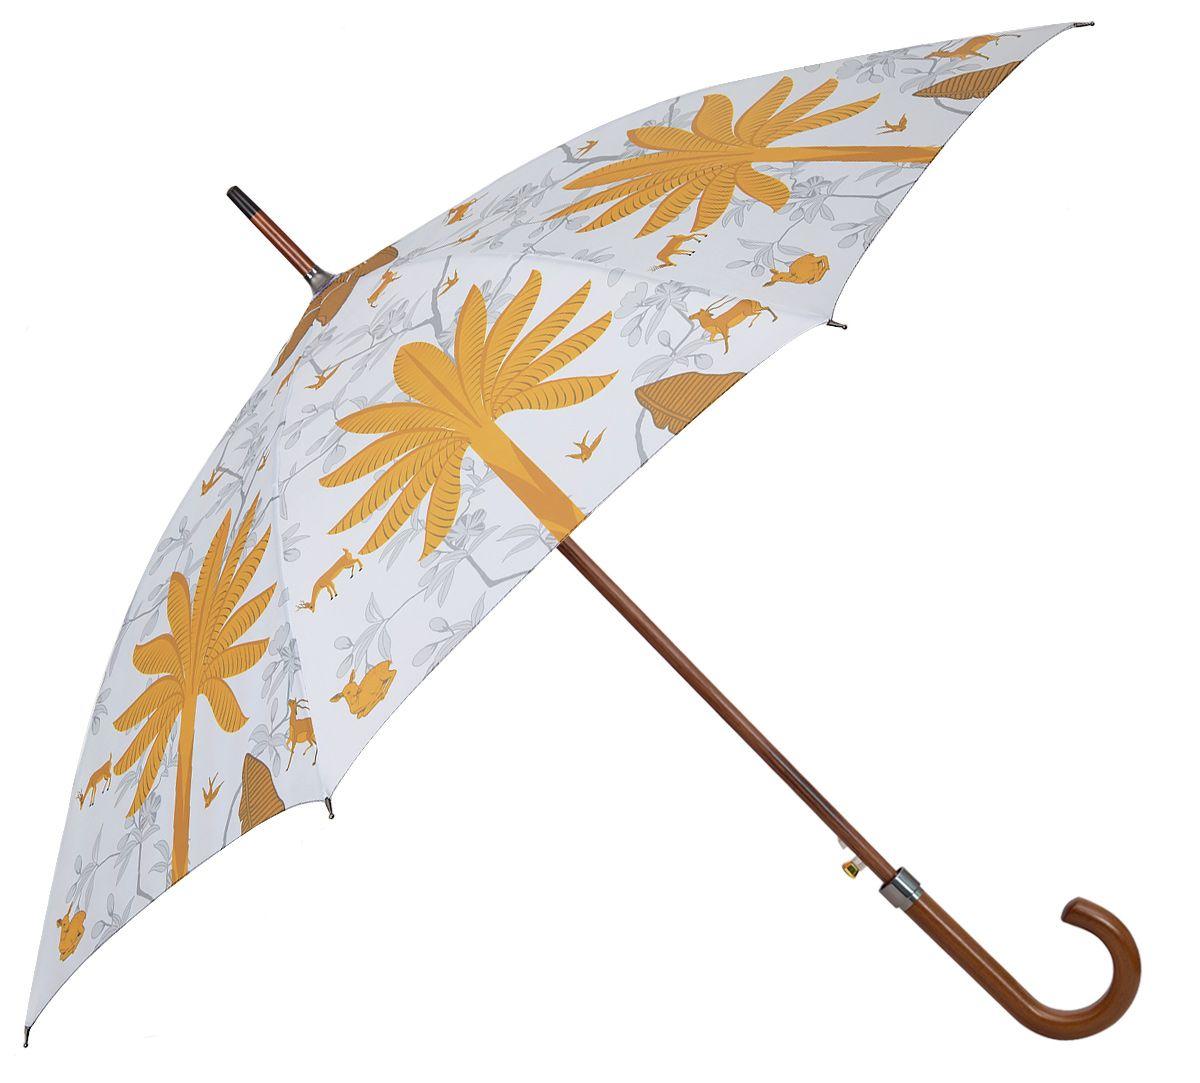 Brooding Woodlot Umbrella